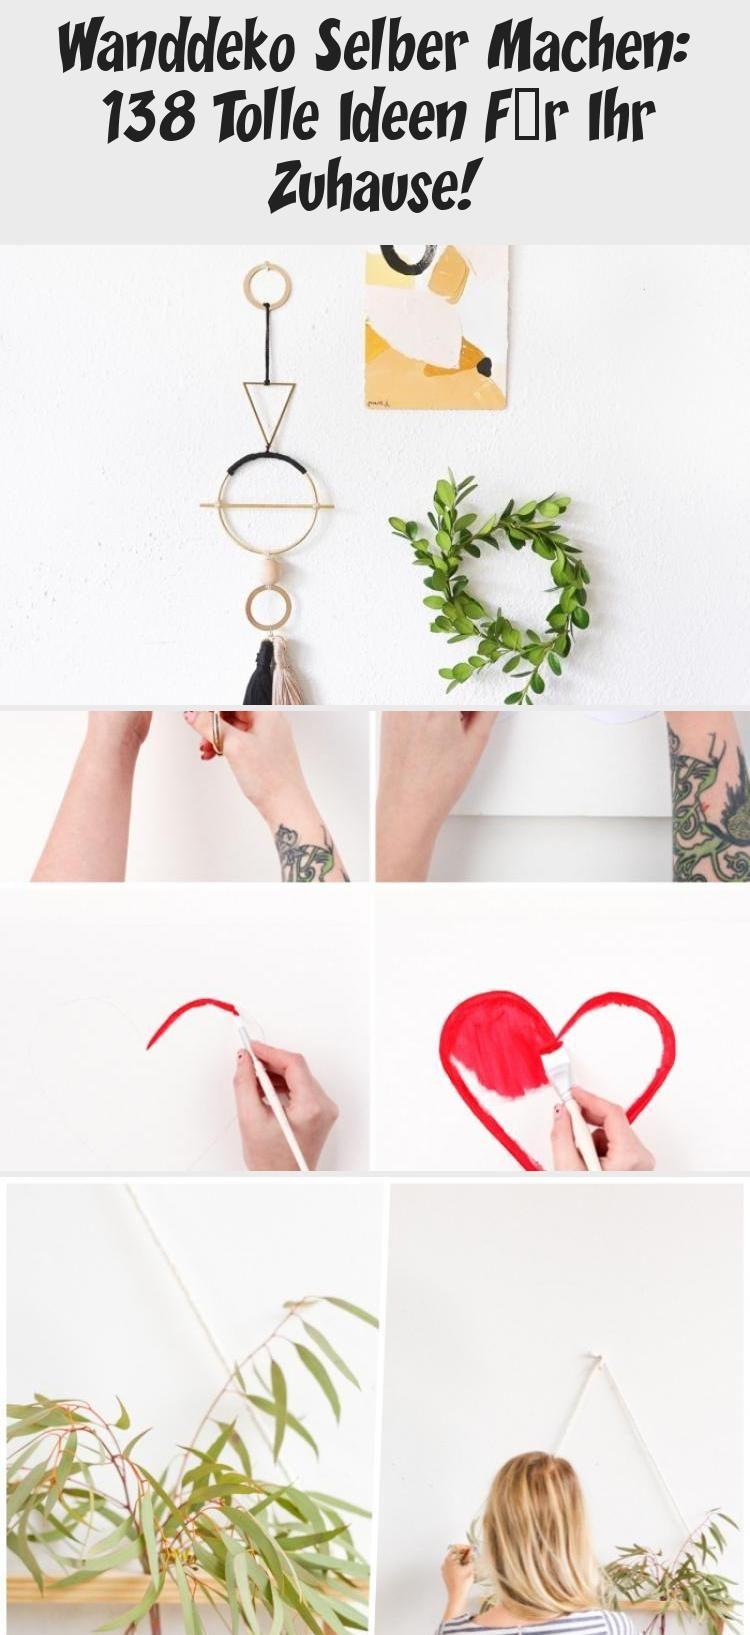 Wanddeko Selber Machen: 138 Tolle Ideen Für Ihr Zuhause! #wanddekoselbermachen